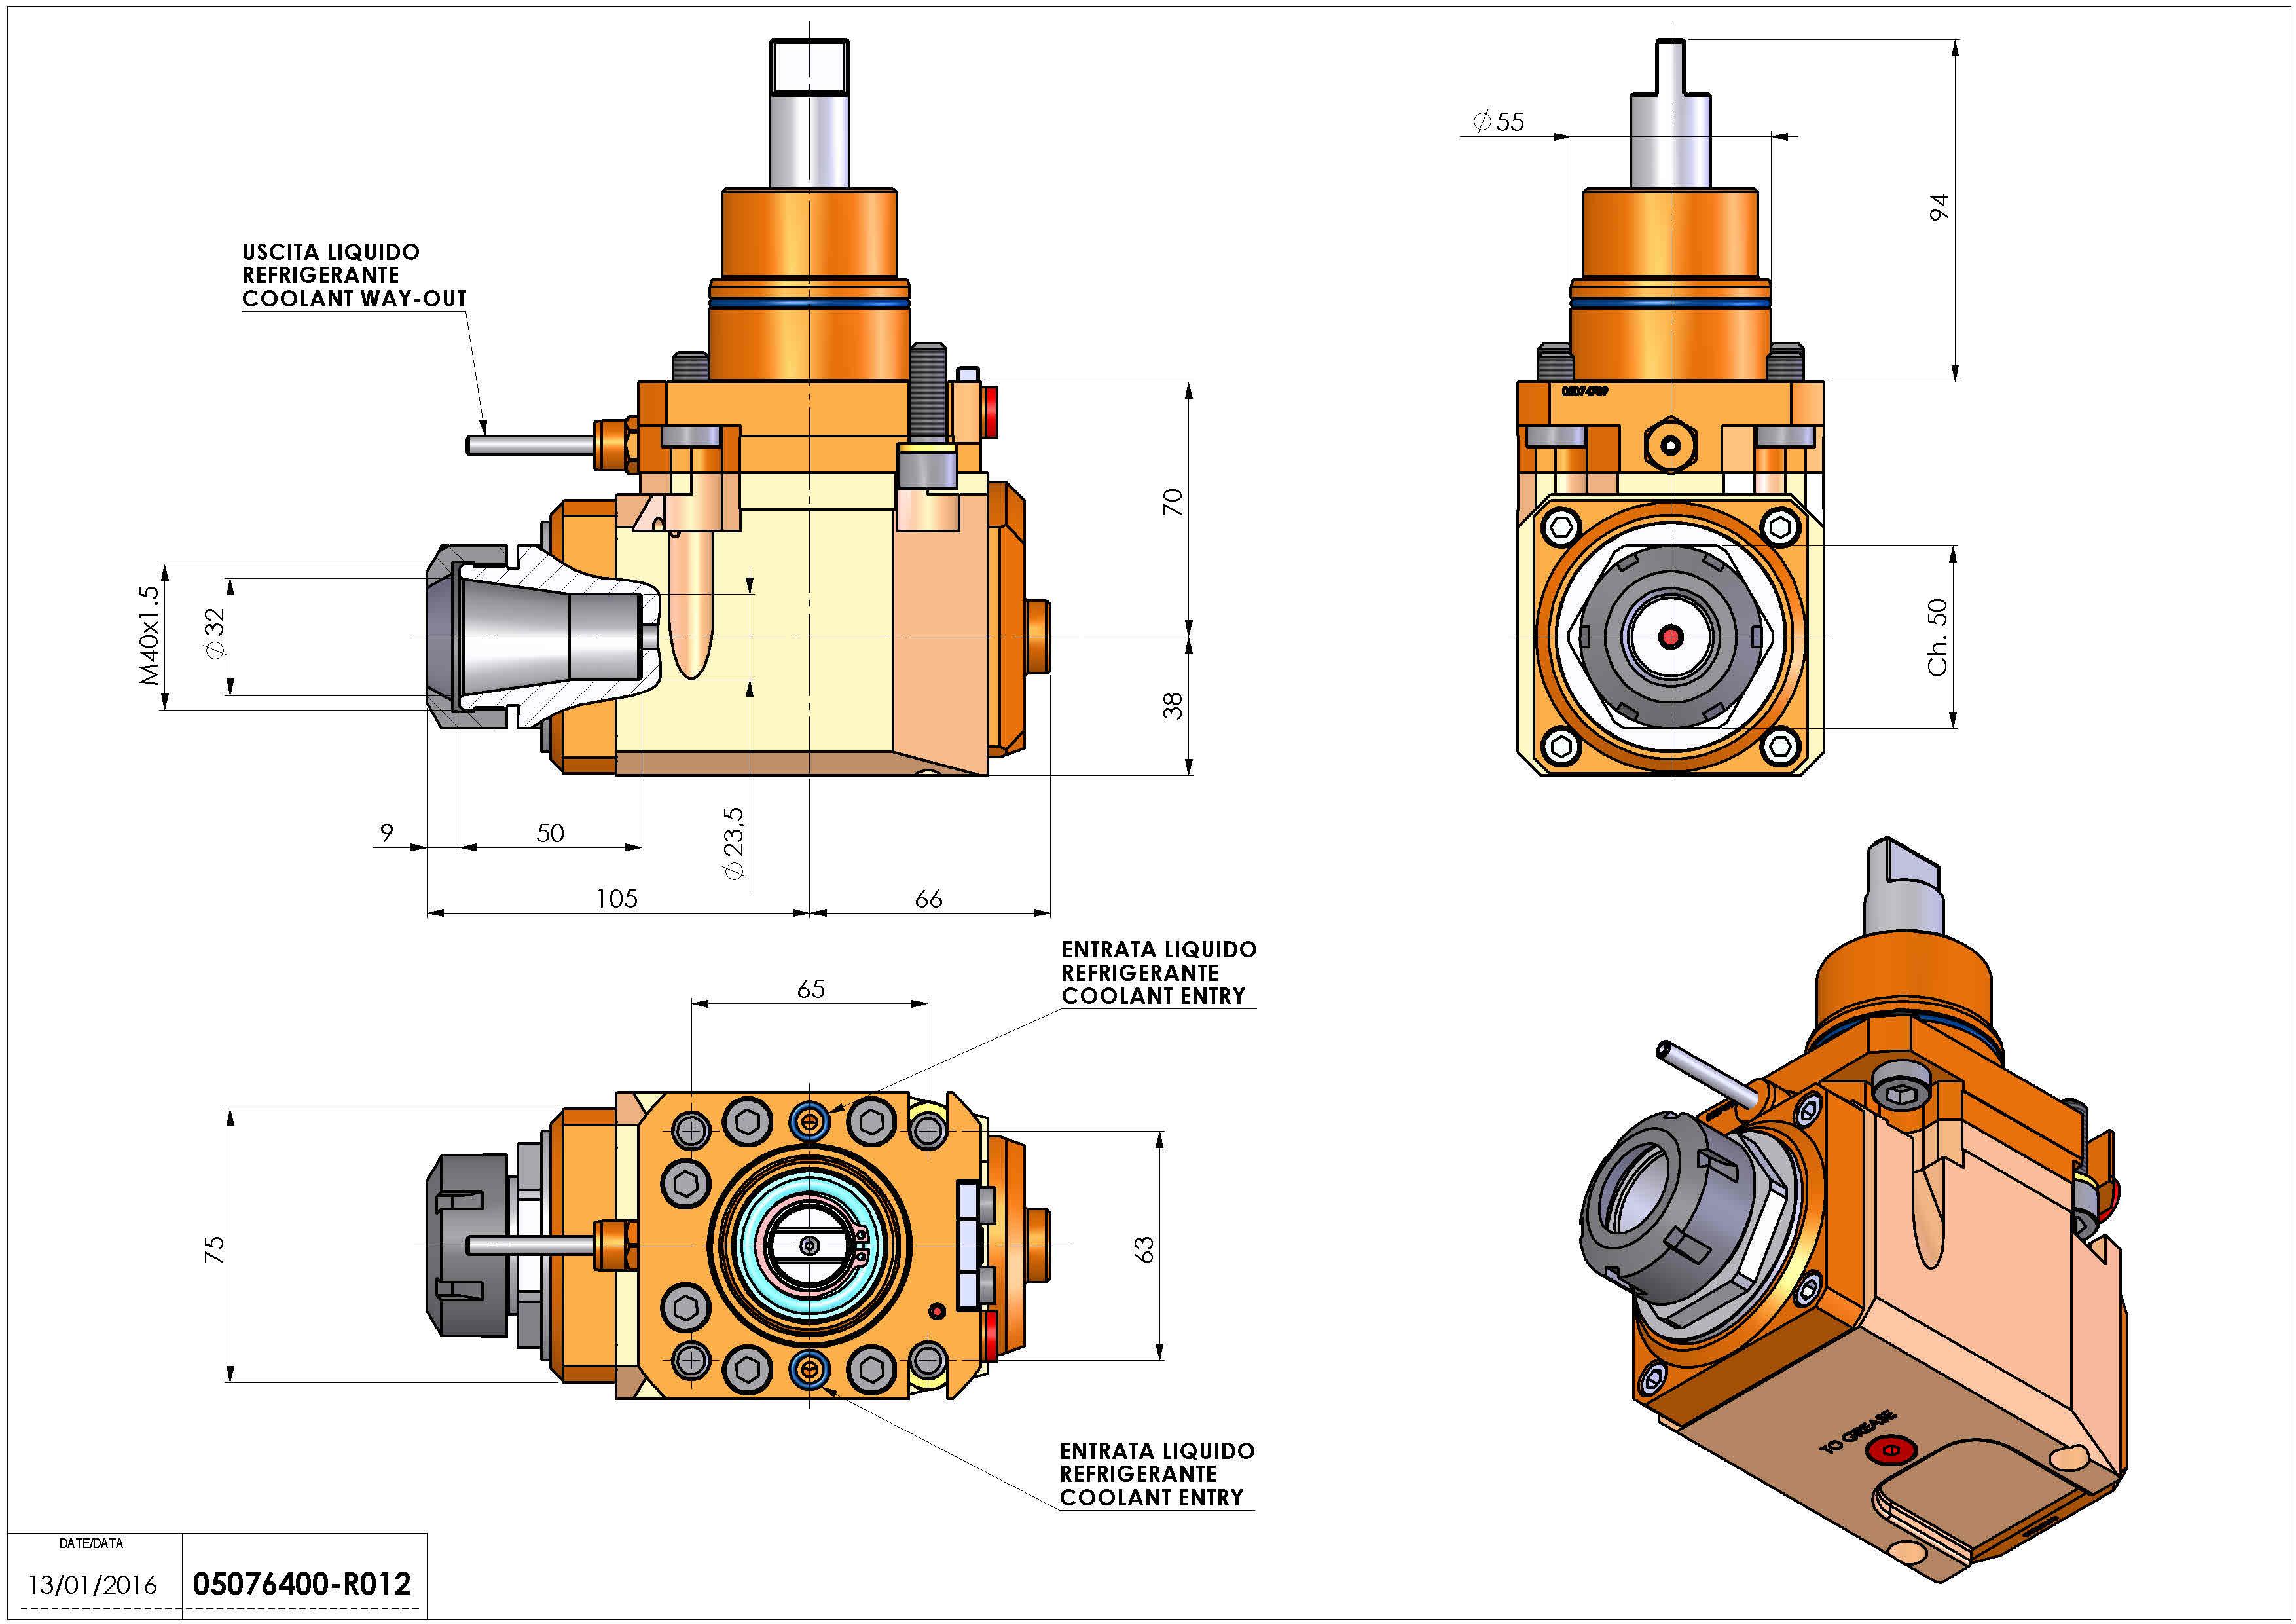 Technical image - LT-A D55 ER32 LR 2:1 H70 BI.